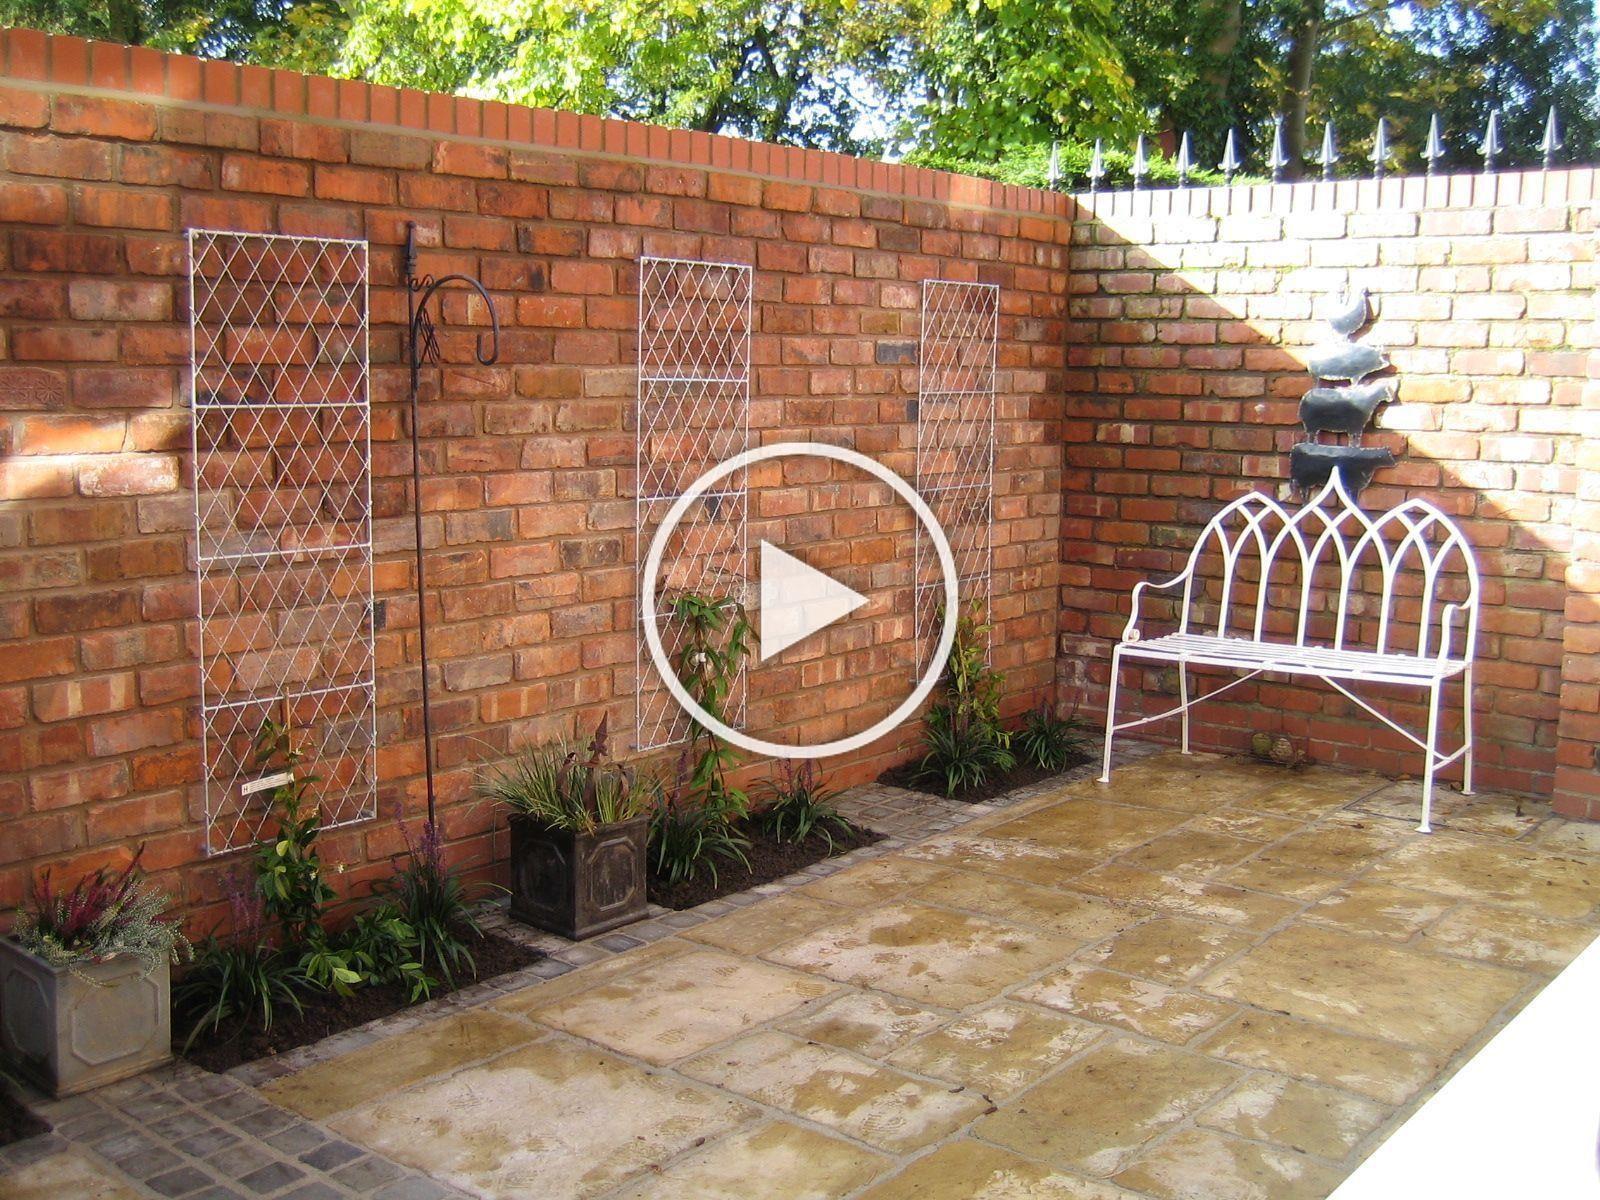 10 Garden Brick Wall Design Ideas Incredible And Stunning In 2020 Brick Wall Gardens Brick Garden Small Courtyards